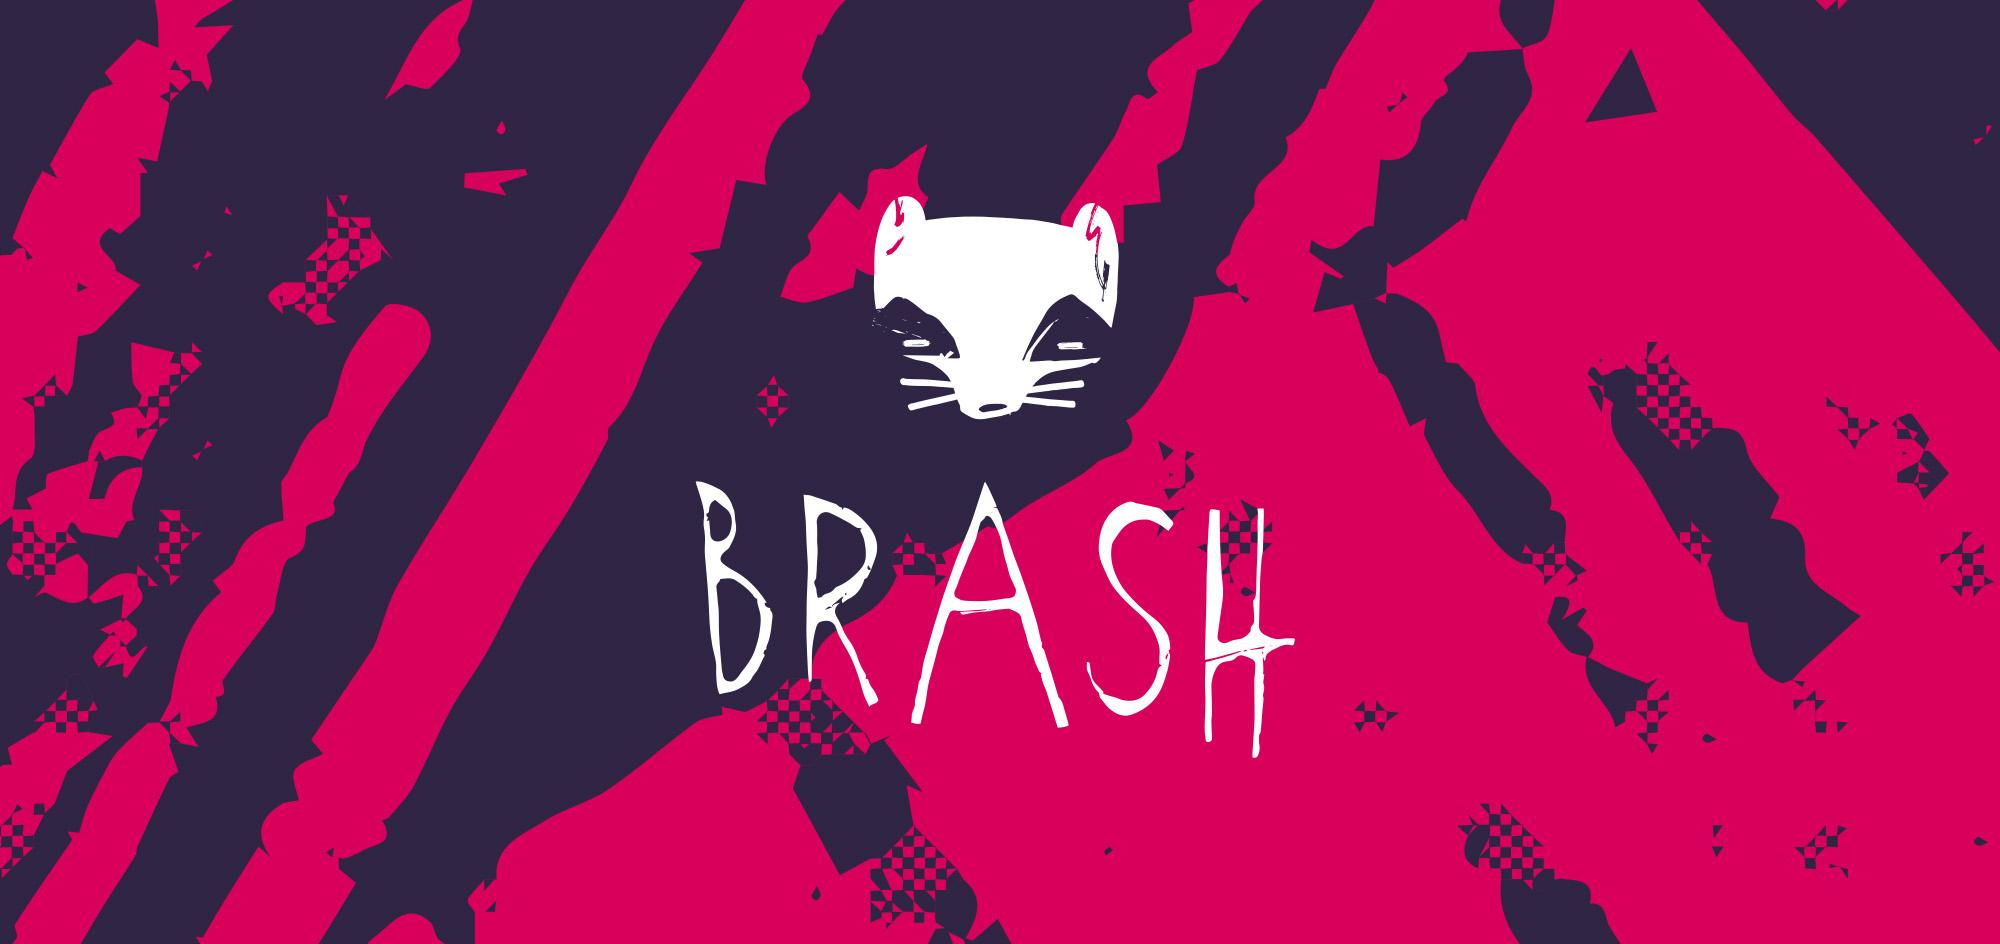 Brash_identiy